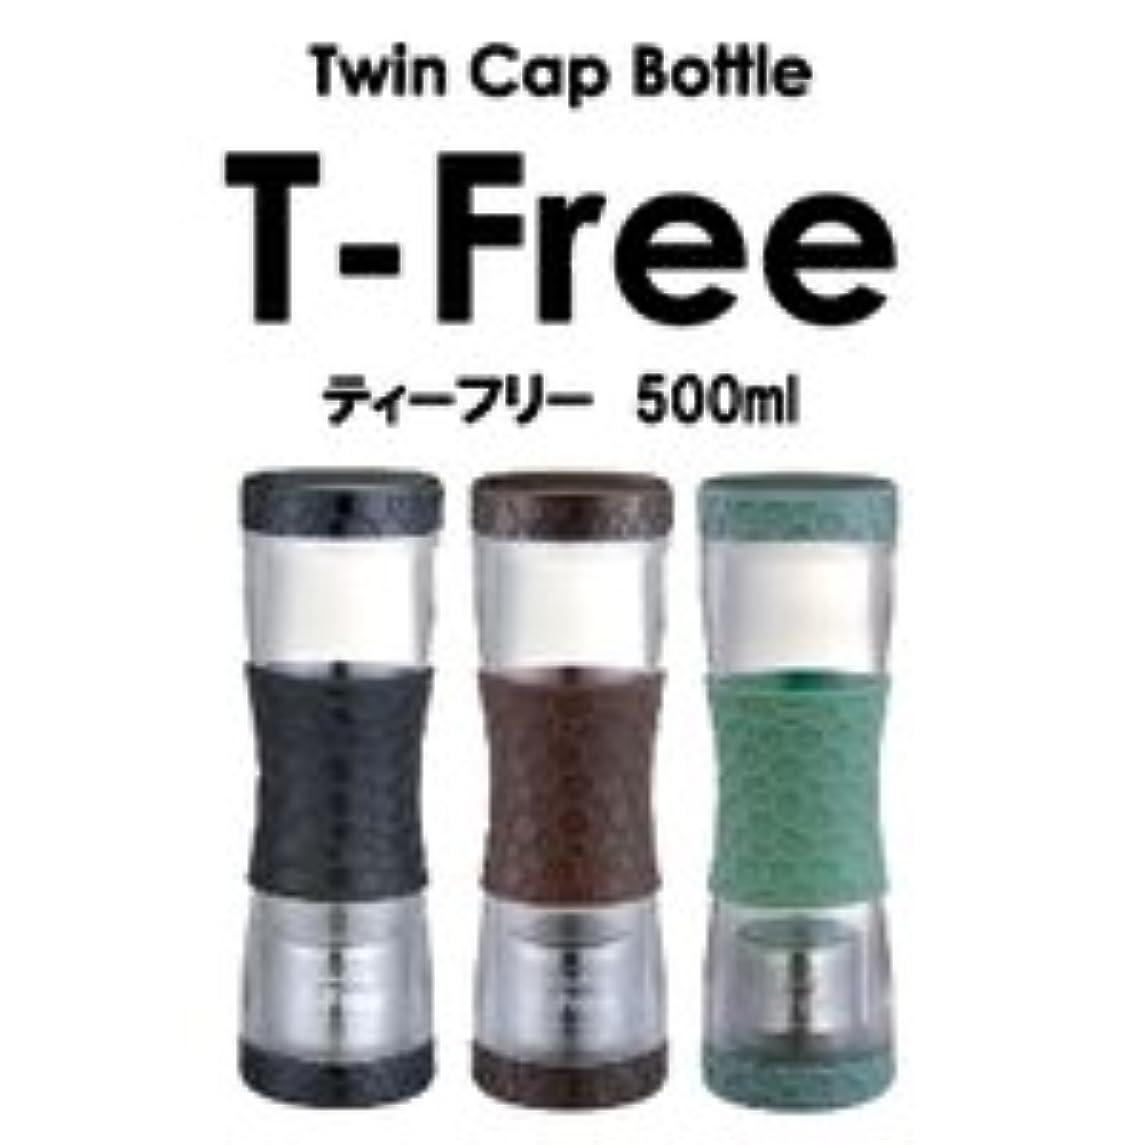 早くサイクロプスフリルティーフリー500ml T-Free (カラー:グリーン) ※使い方自由なツインキャップボトル